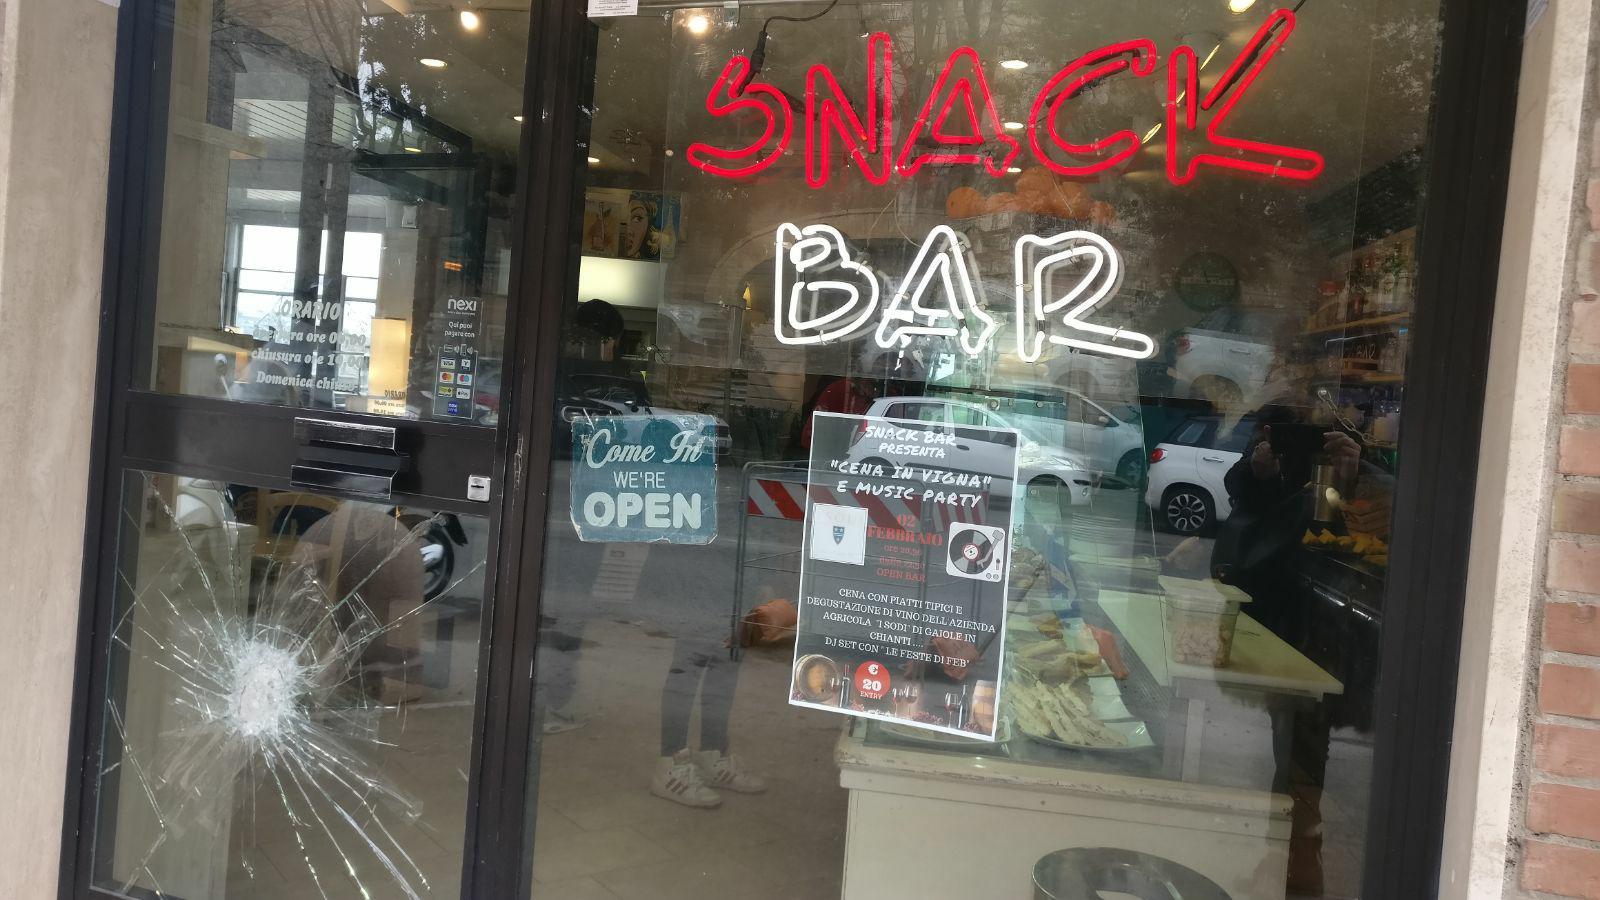 Ladro torna in circolazione e assalta di nuovo lo Snack Bar: arrestato